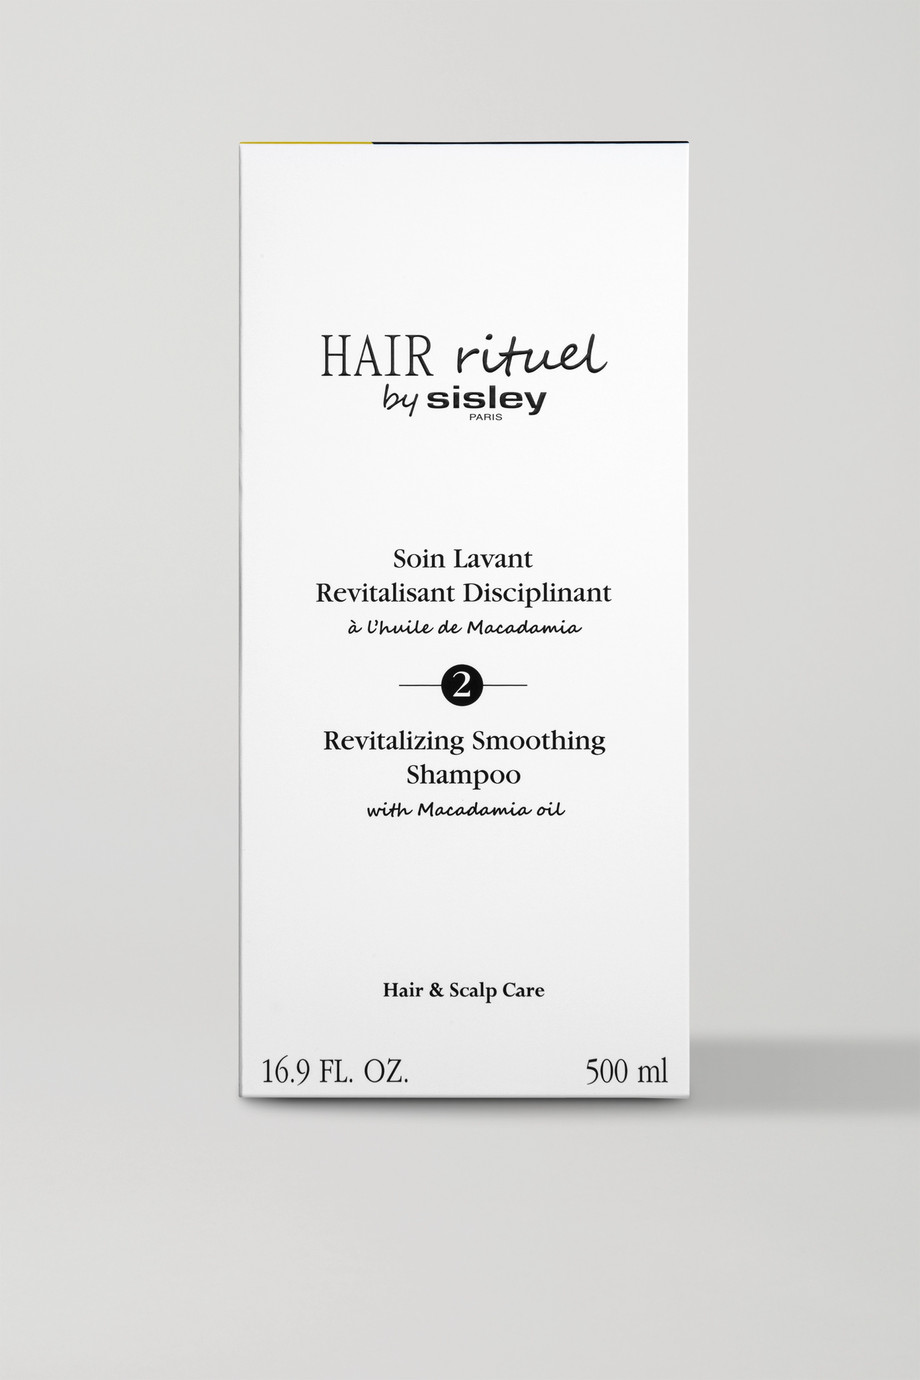 HAIR rituel by Sisley Revitalizing Smoothing Shampoo, 500 ml – Shampoo